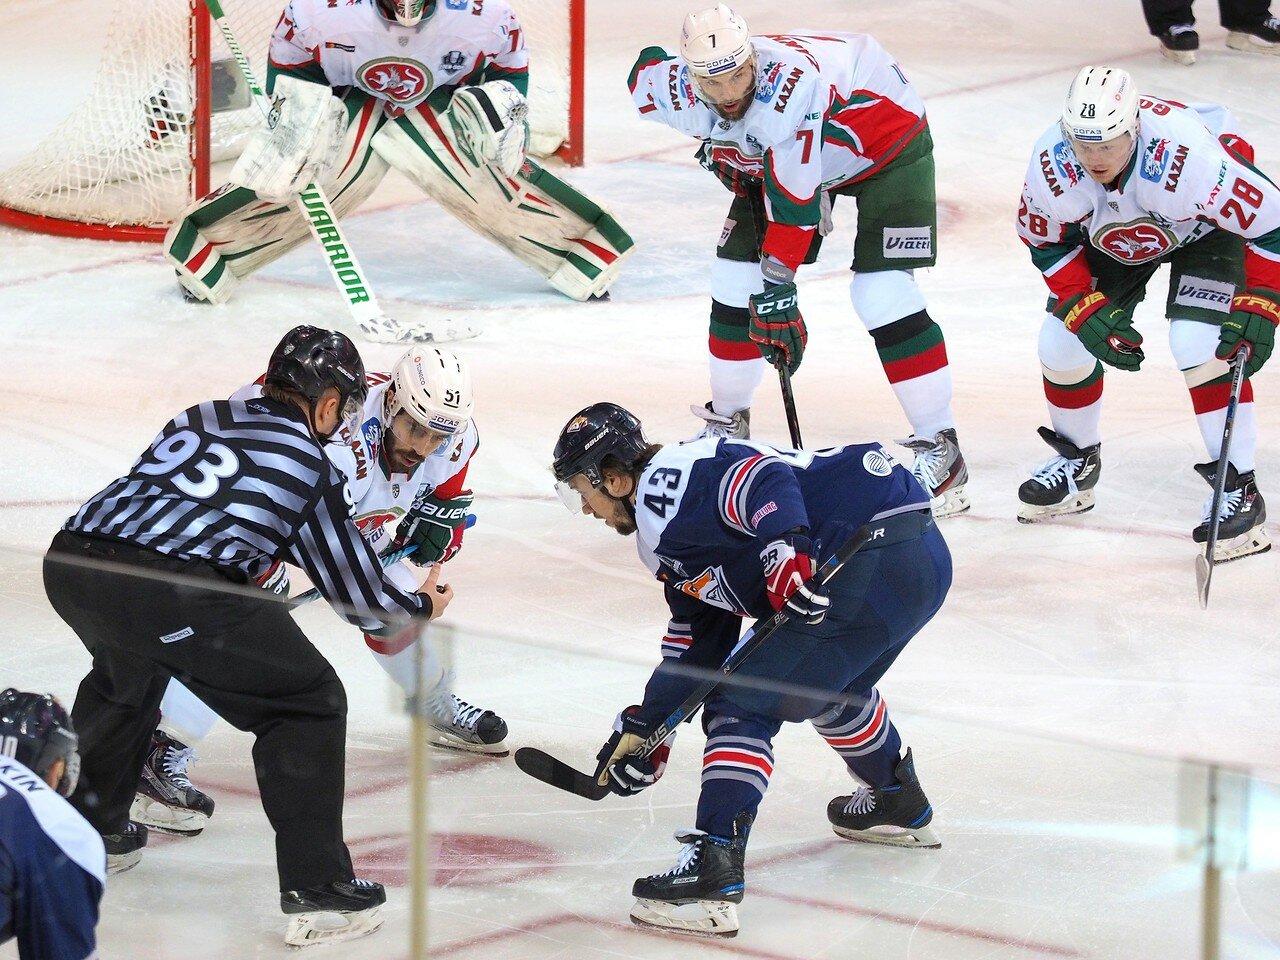 46 Первая игра финала плей-офф восточной конференции 2017 Металлург - АкБарс 24.03.2017